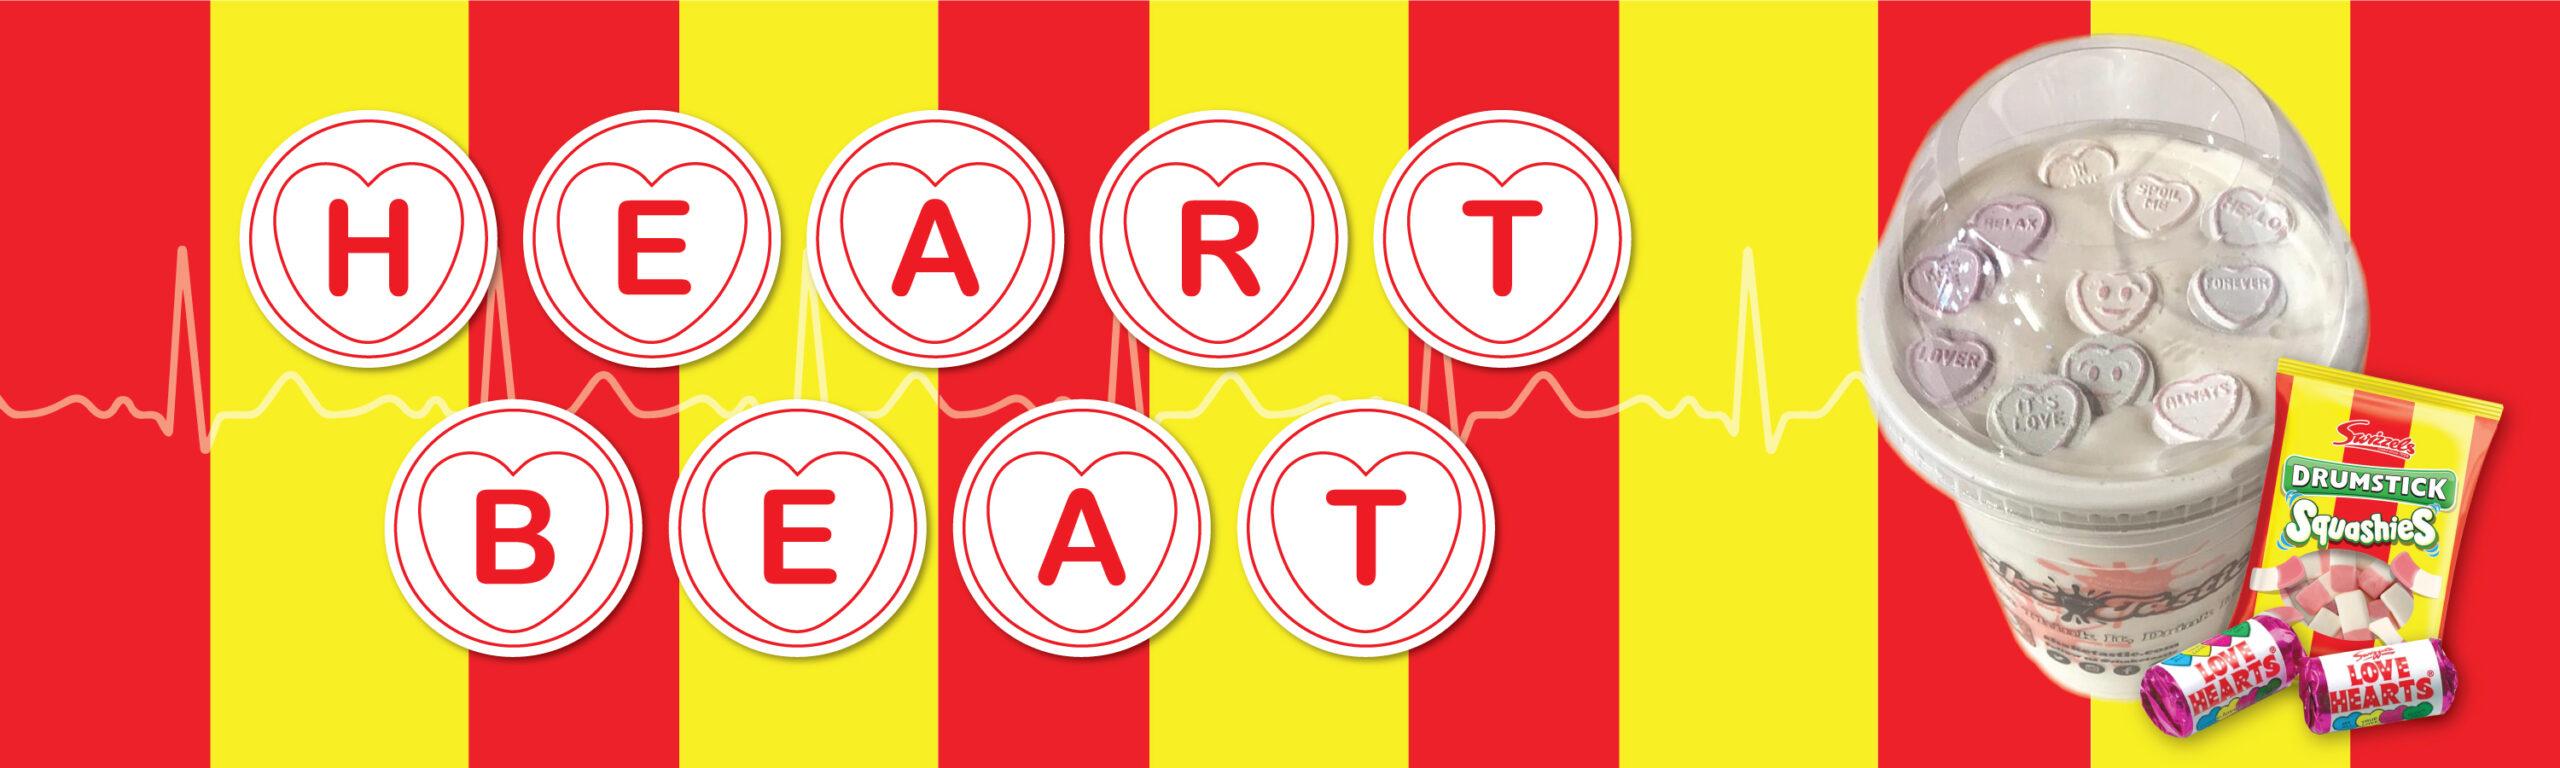 Shake-Heartbeat-Web1